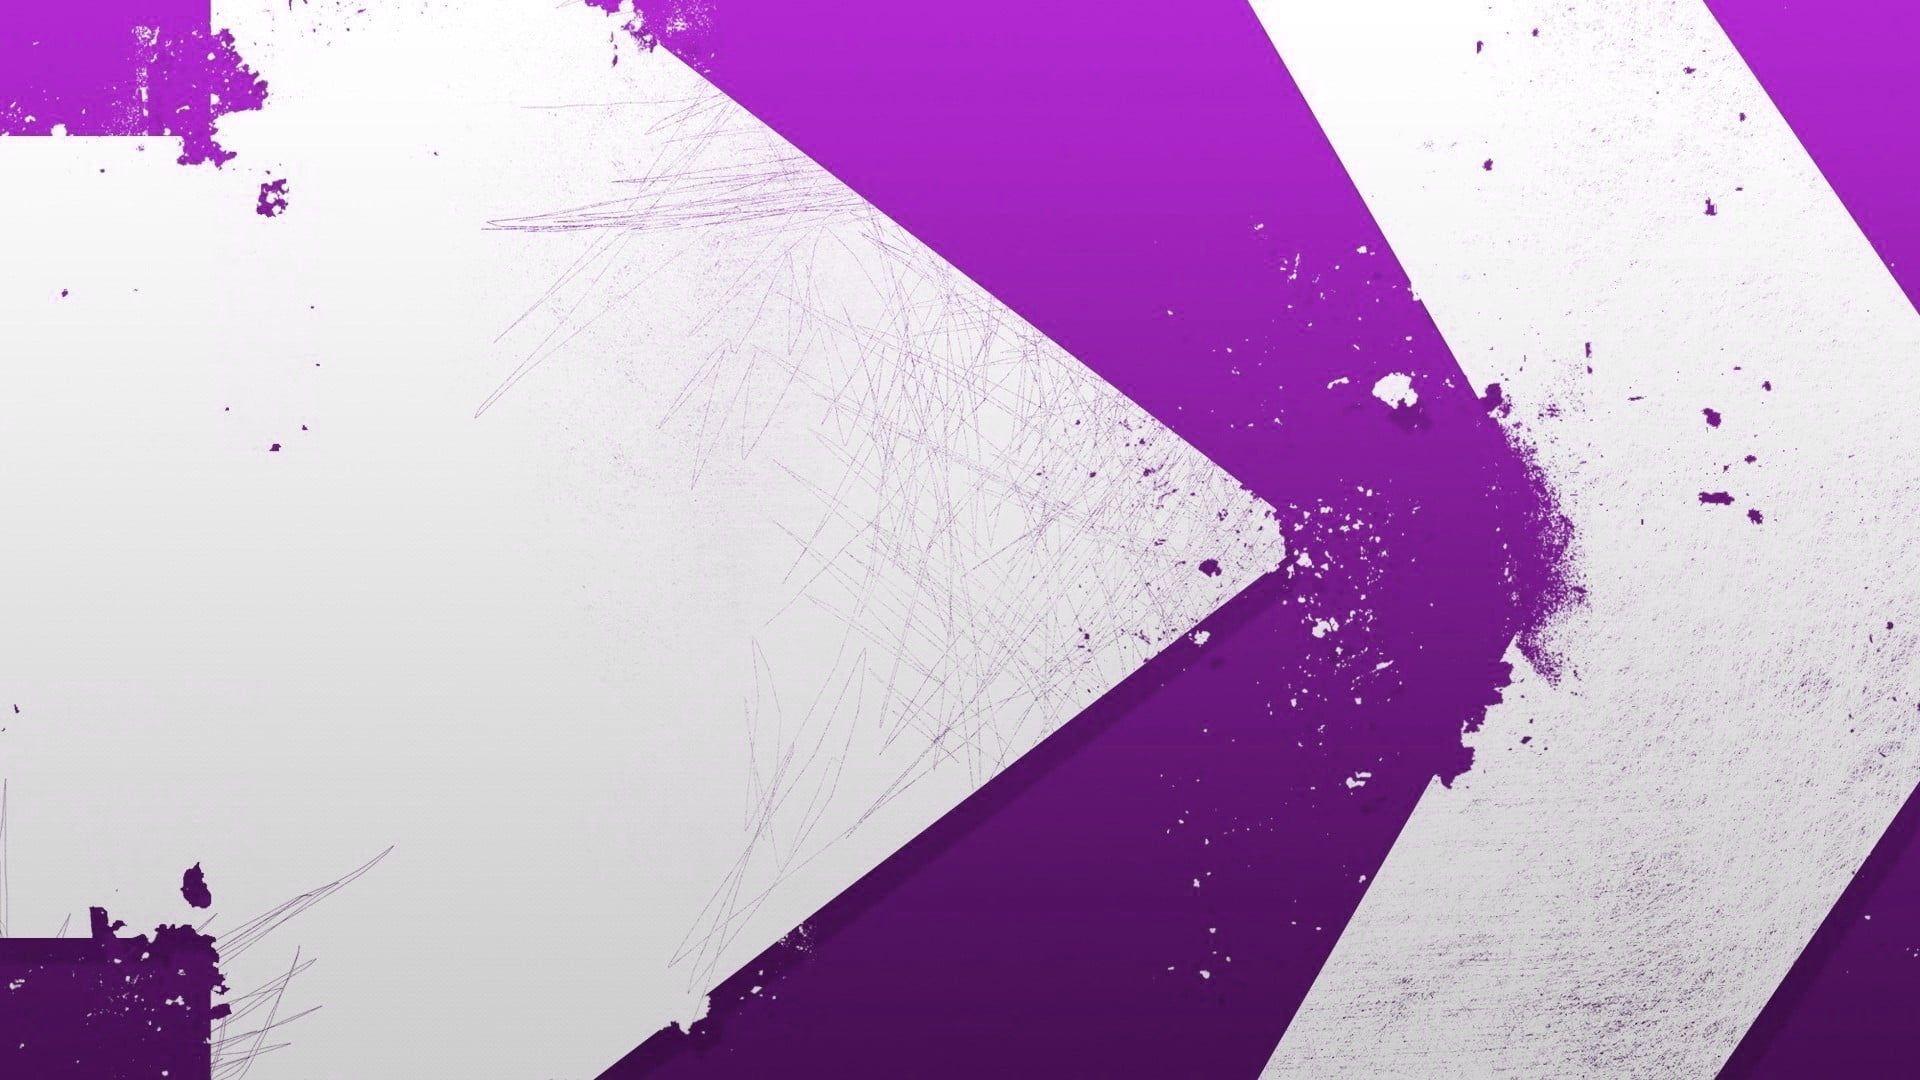 Minimalism Arrows Design Purple White Wallpaper Https Www Wallpapermania Website